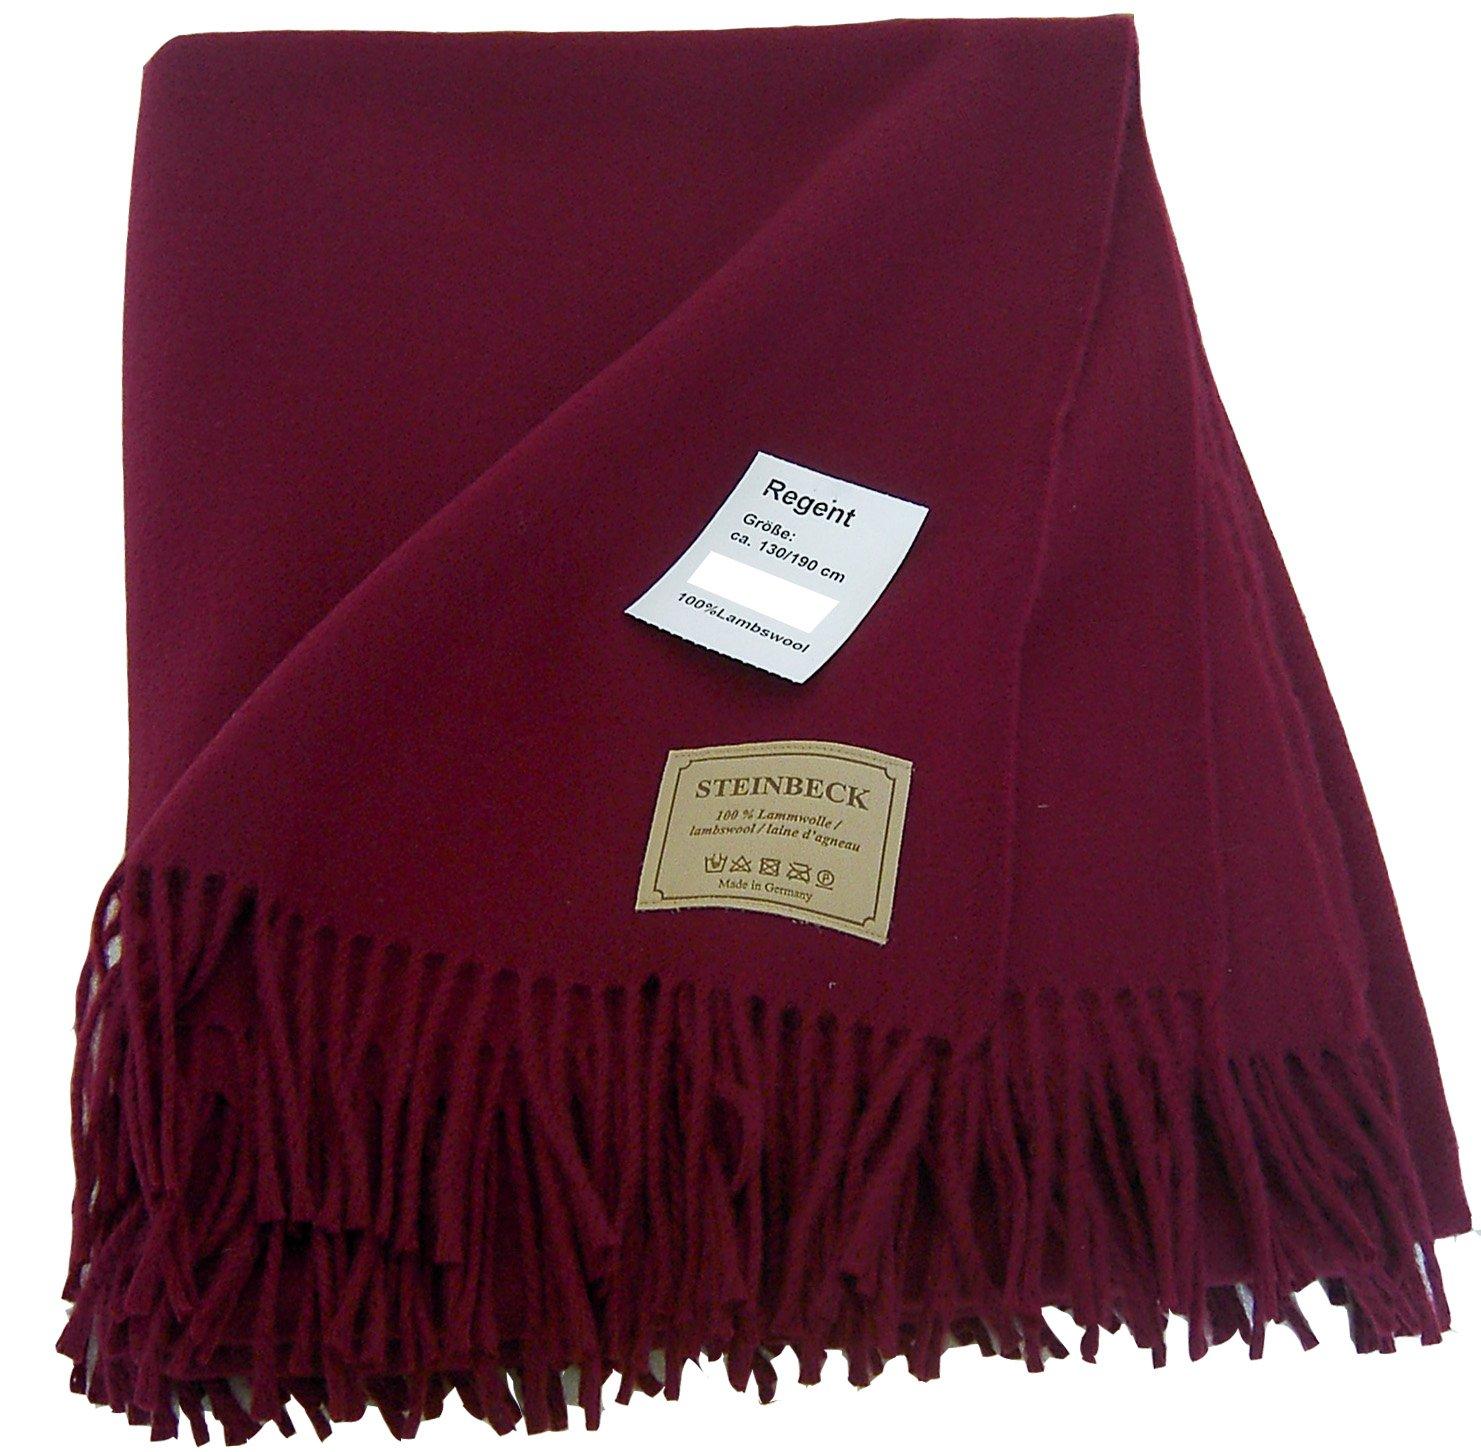 Leichte dunkelrote Wolldecke aus extrafeiner Lambswool, 130x190cm, ca 600g - 1,5-2mm dick, aus Deutschland, Handwäsche